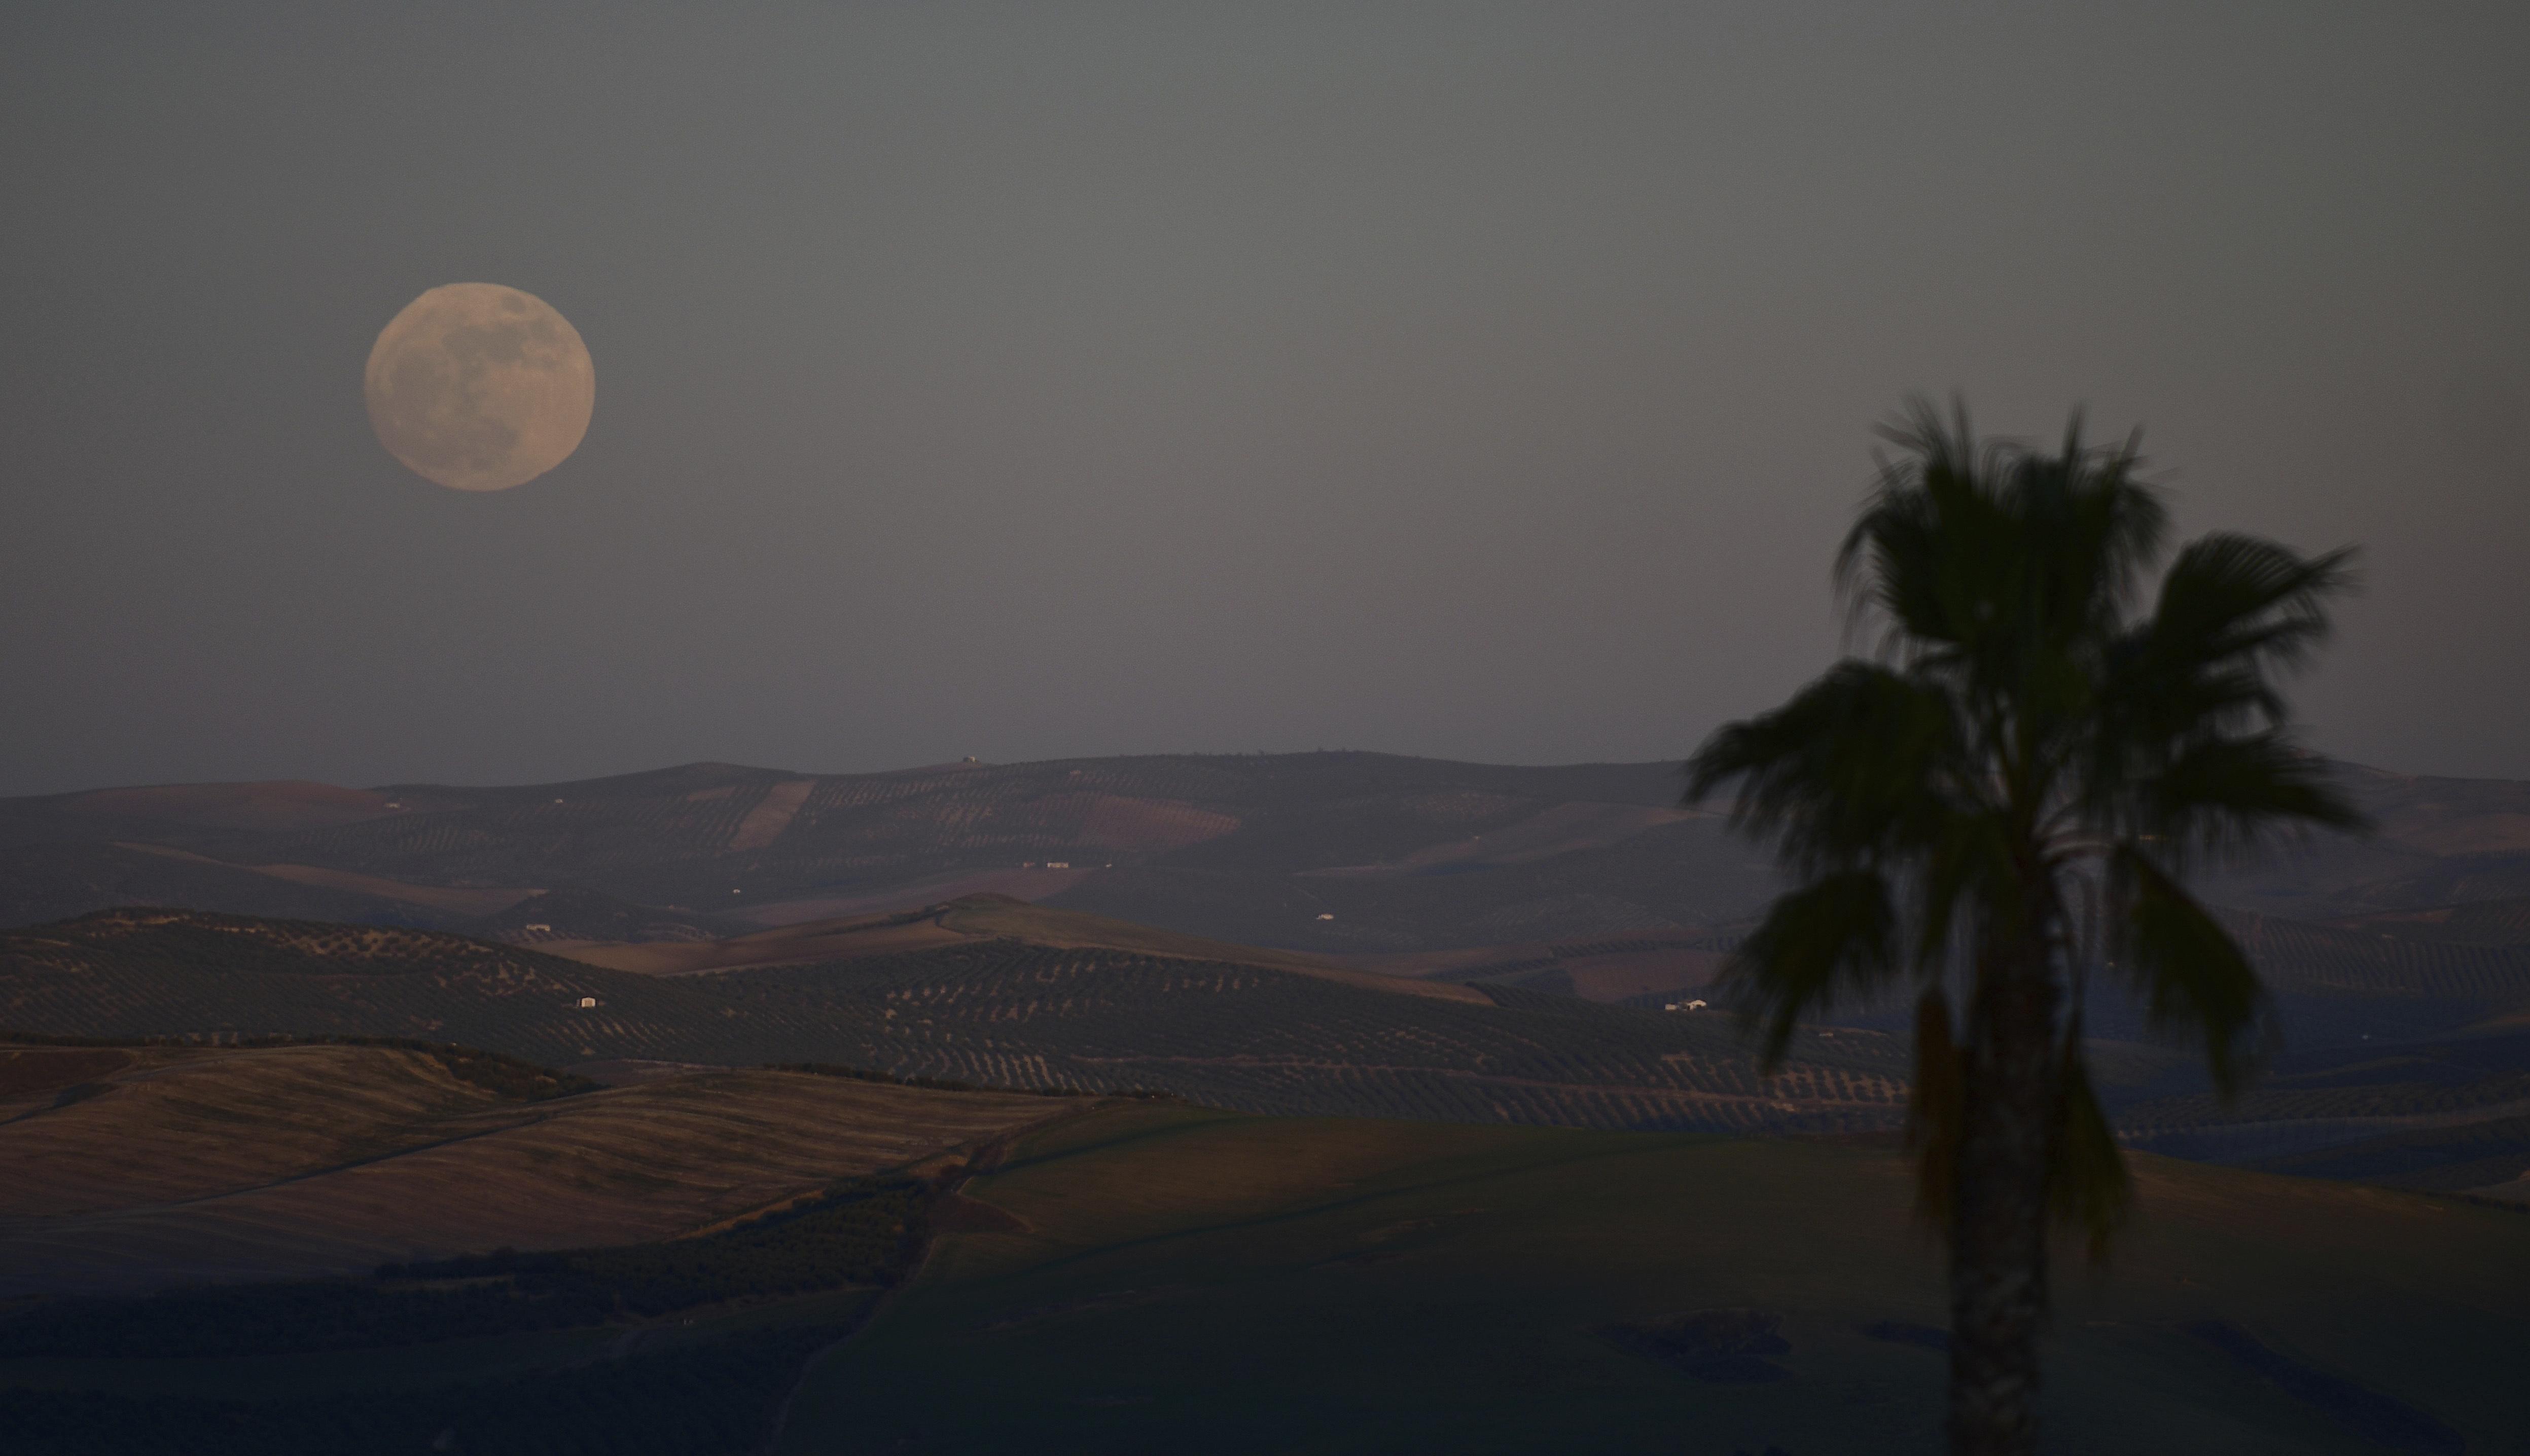 Superluna en Montemayor cerca de Córdoba, en el sur de España (AP/Manu Fernandez)